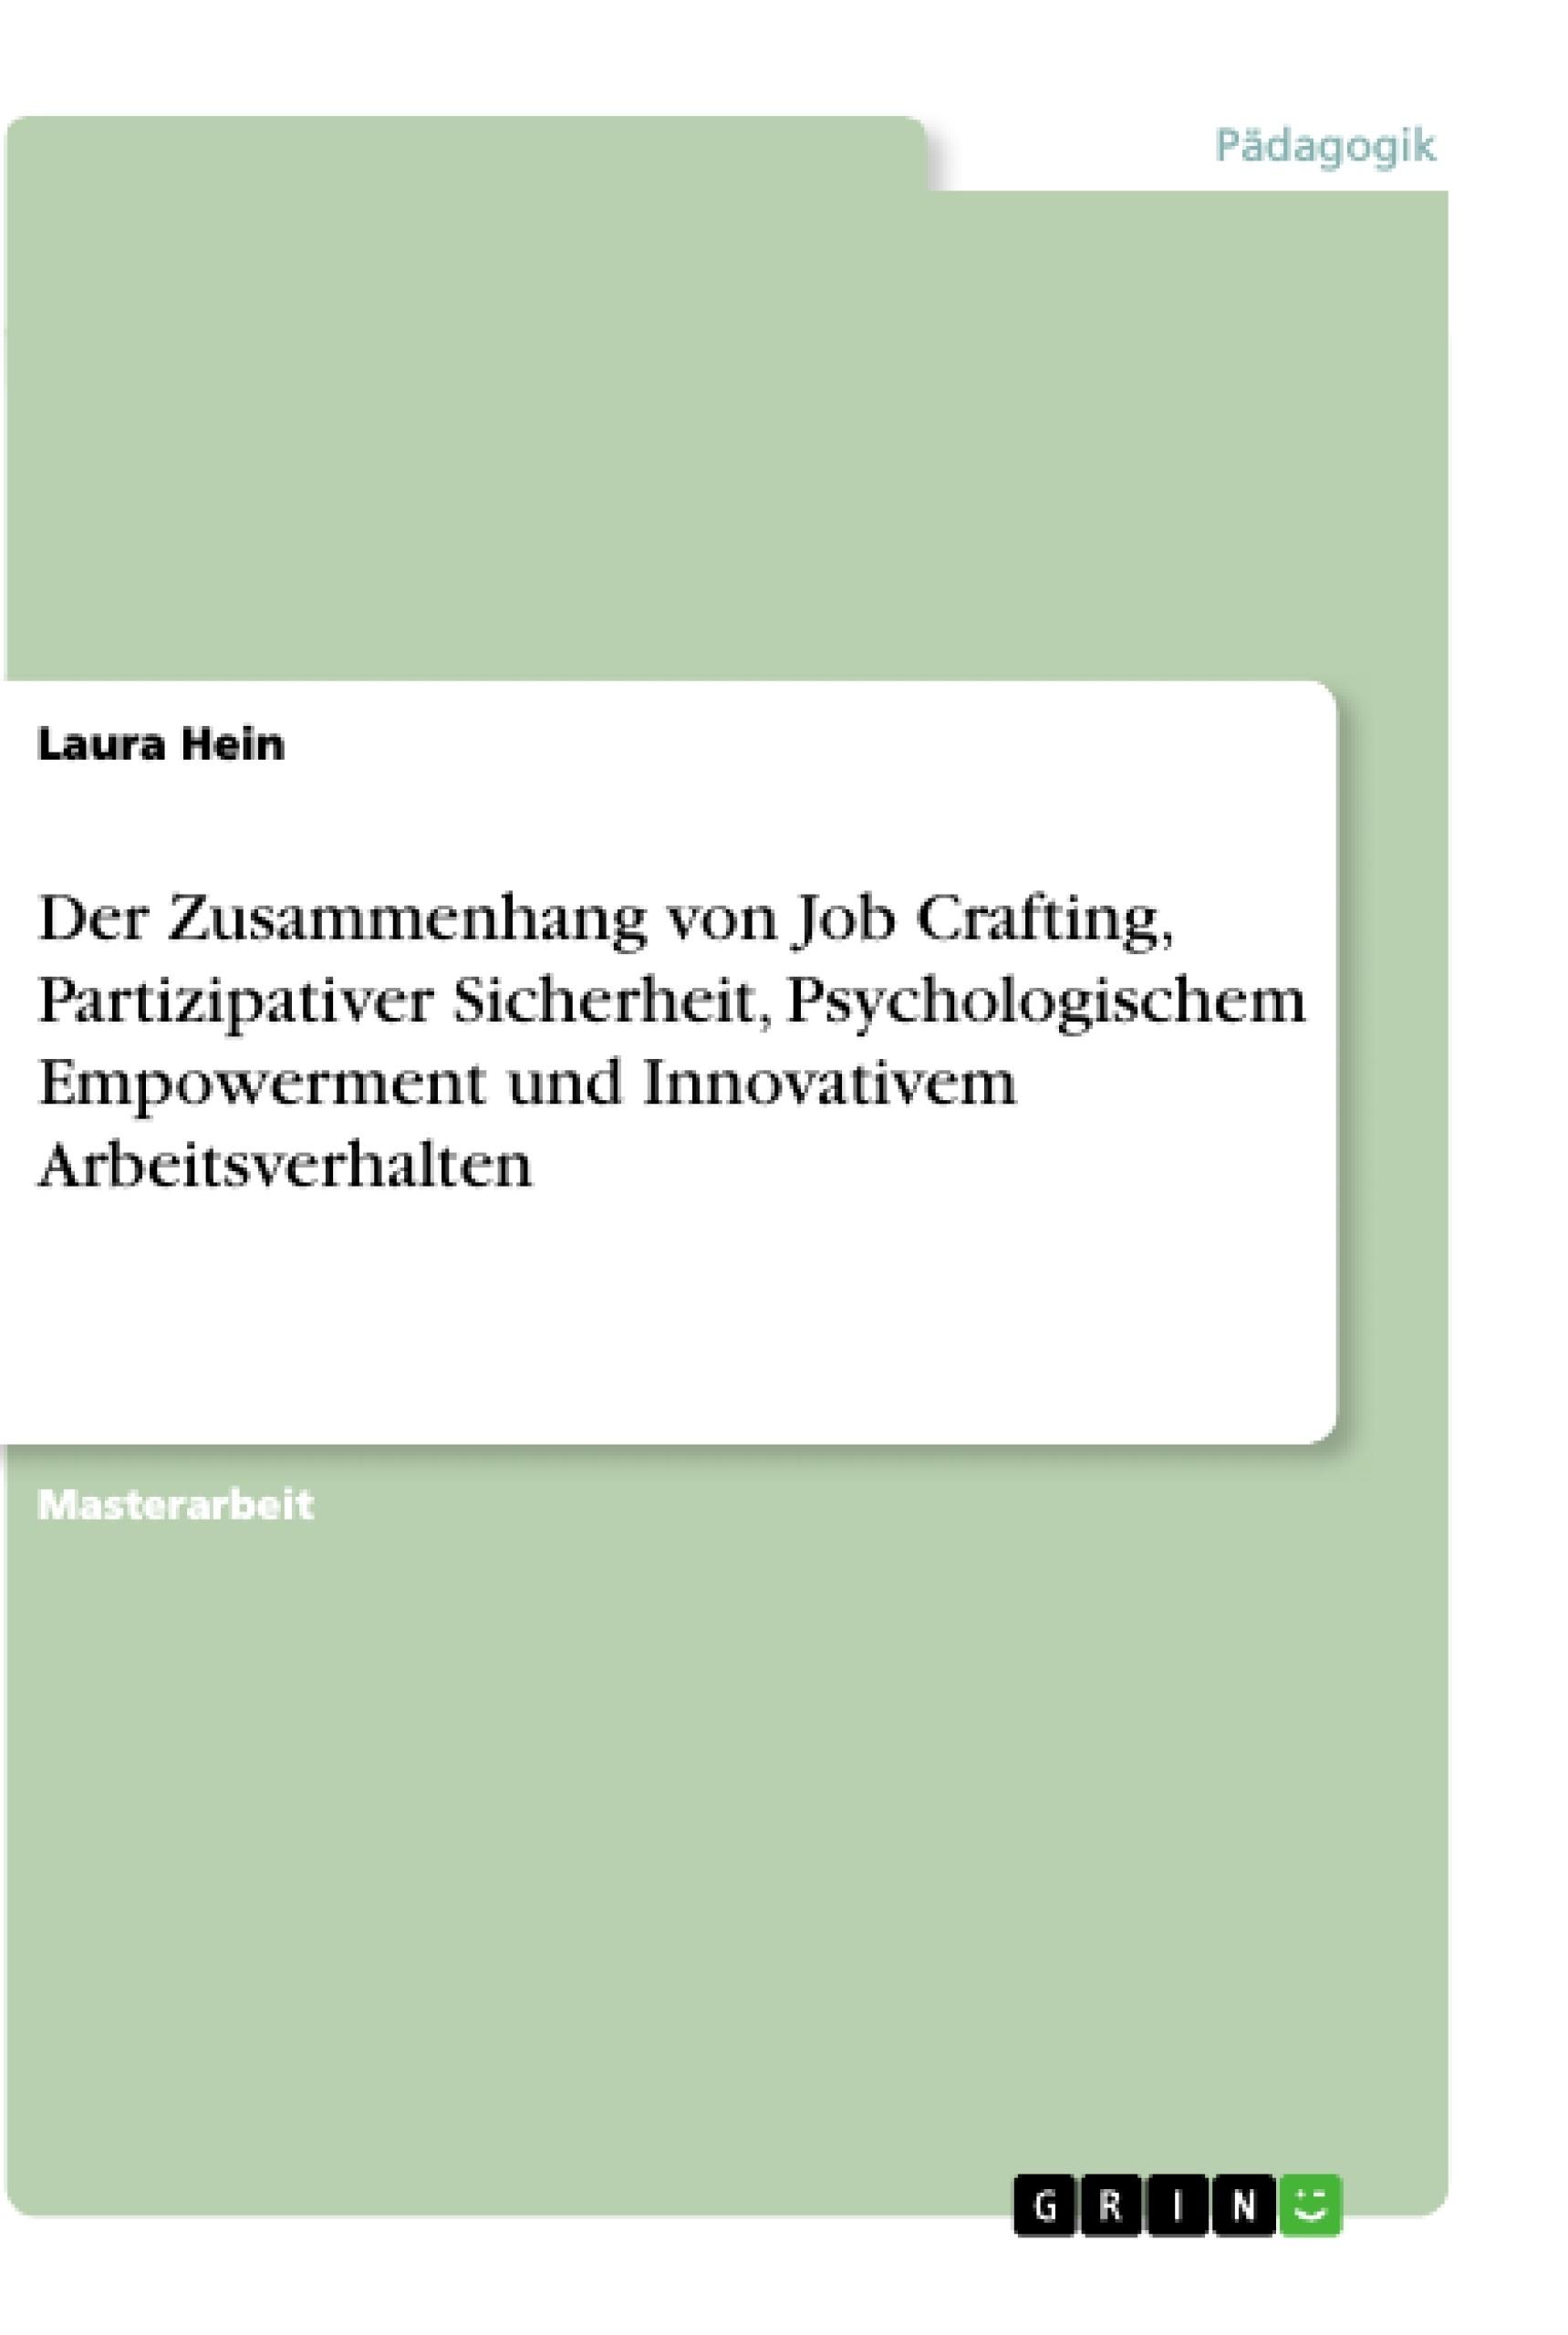 Titel: Der Zusammenhang von Job Crafting, Partizipativer Sicherheit, Psychologischem Empowerment und Innovativem Arbeitsverhalten